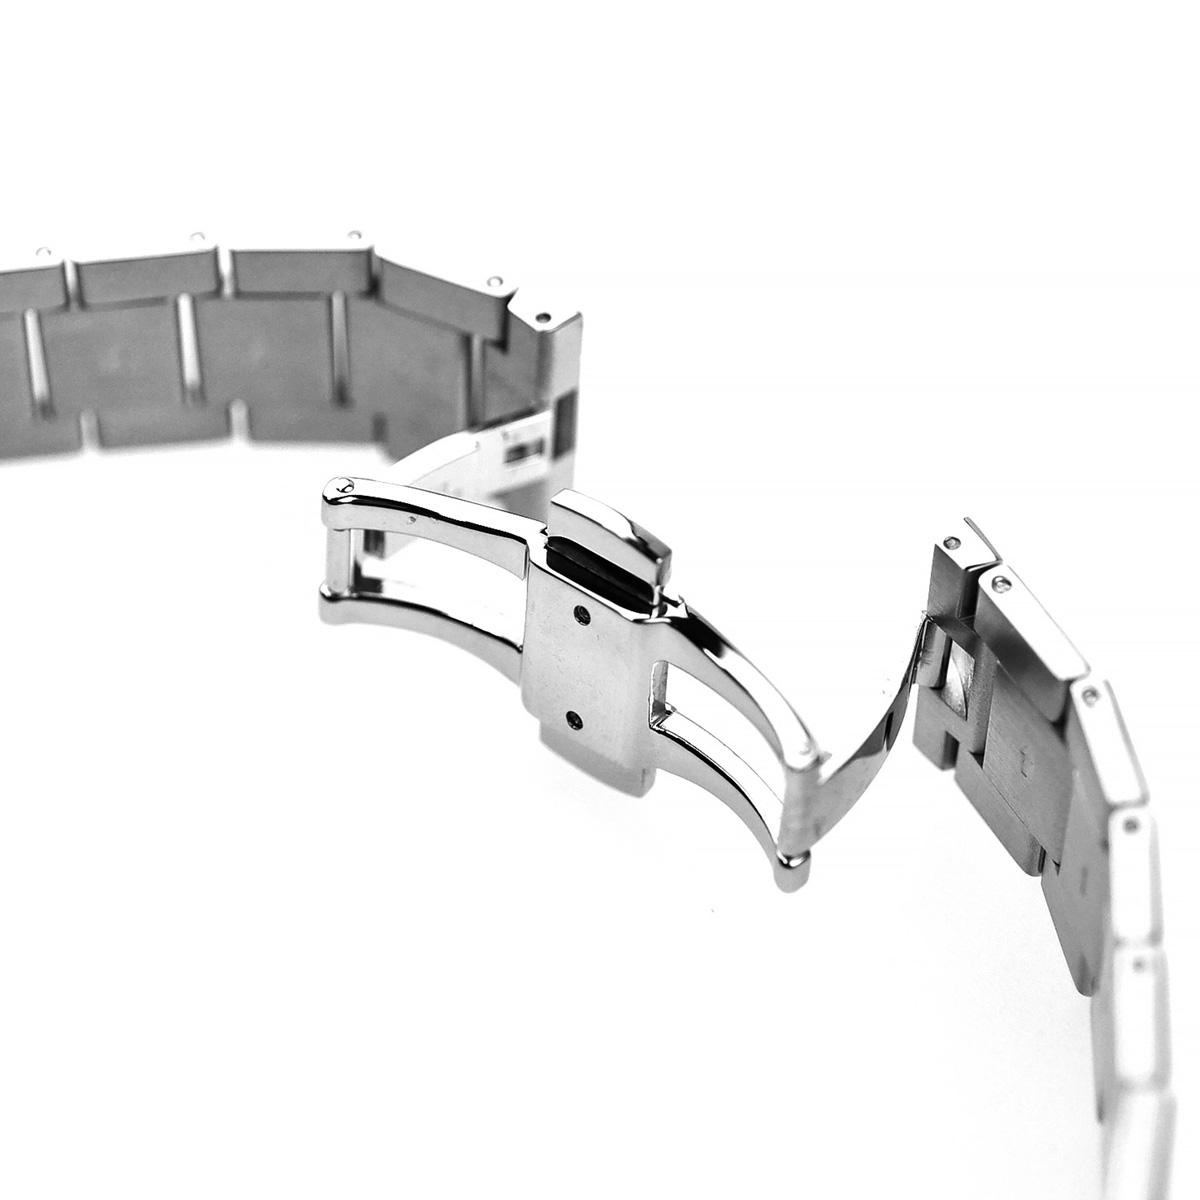 看带表带乐队更换安装通用不锈钢皮带宽度 20 毫米应用︰ 卡地亚卡地亚坦克独唱独奏圆独奏 [八 ESB 380,10p01yoct16